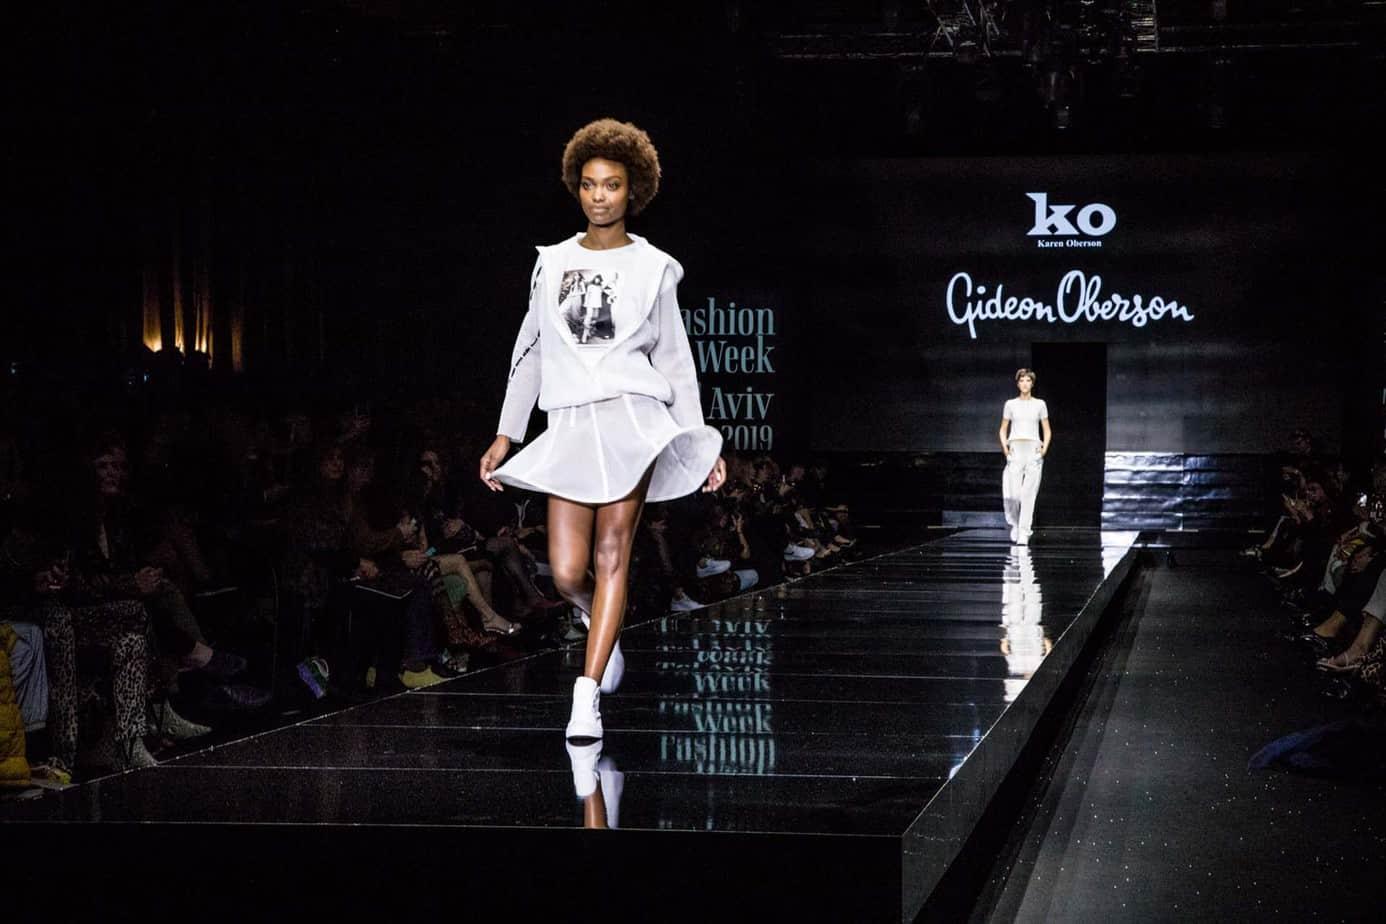 גדעון אוברזון, שבוע האופנה תל אביב 2019, צילום אלכס פרגמנט - 11